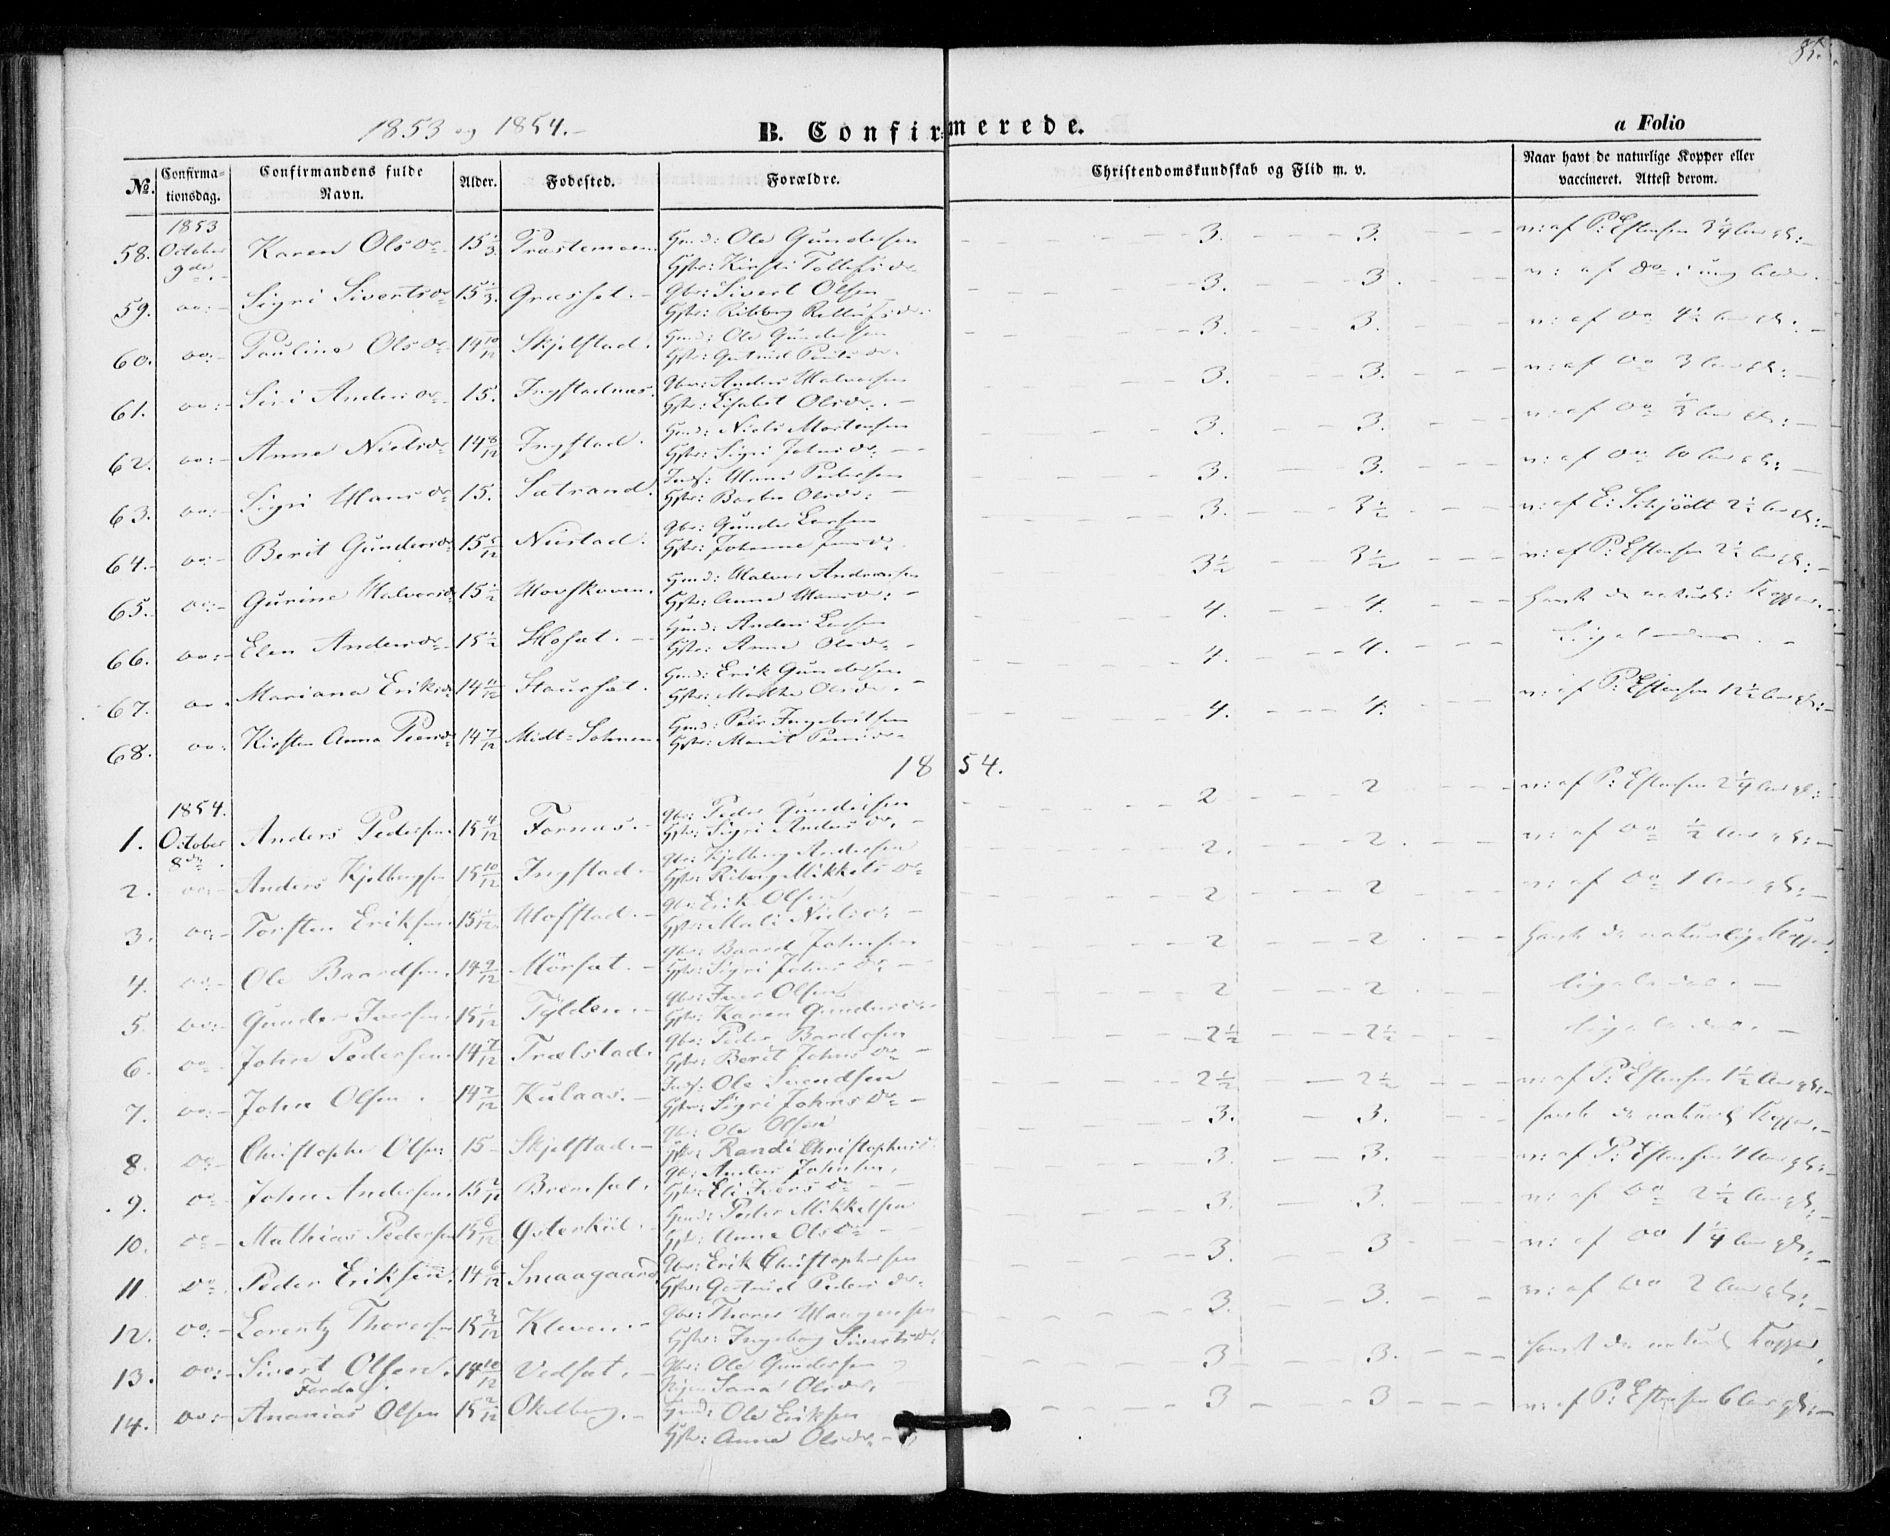 SAT, Ministerialprotokoller, klokkerbøker og fødselsregistre - Nord-Trøndelag, 703/L0028: Ministerialbok nr. 703A01, 1850-1862, s. 85